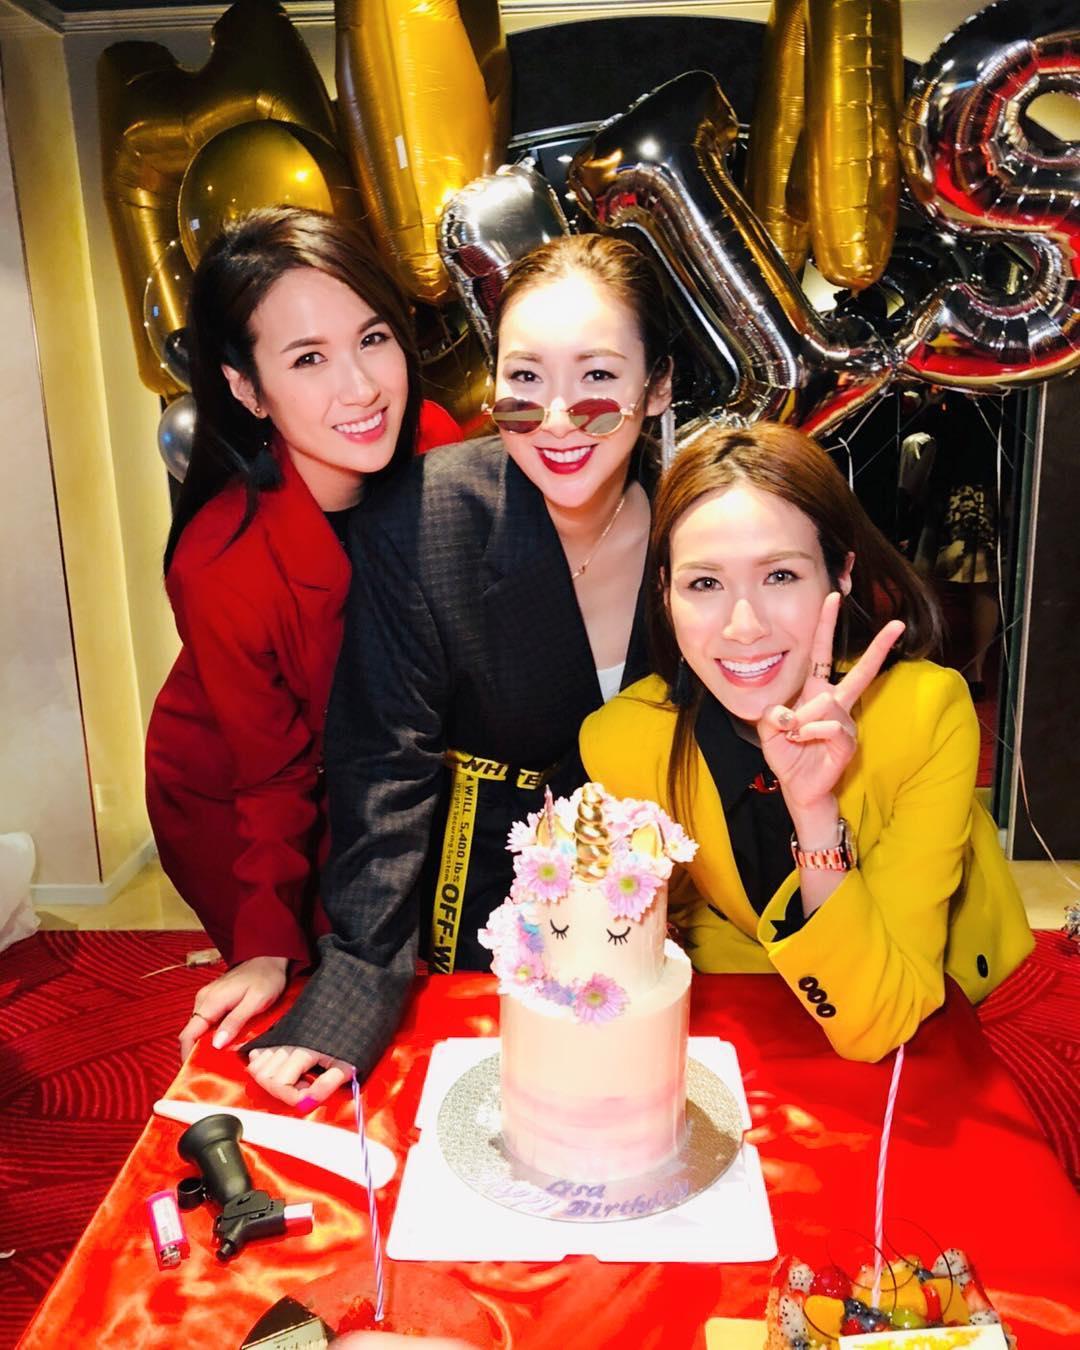 TVB男星杨明女友生日,两人疯狂秀恩爱!网友:赶快结婚吧!插图4